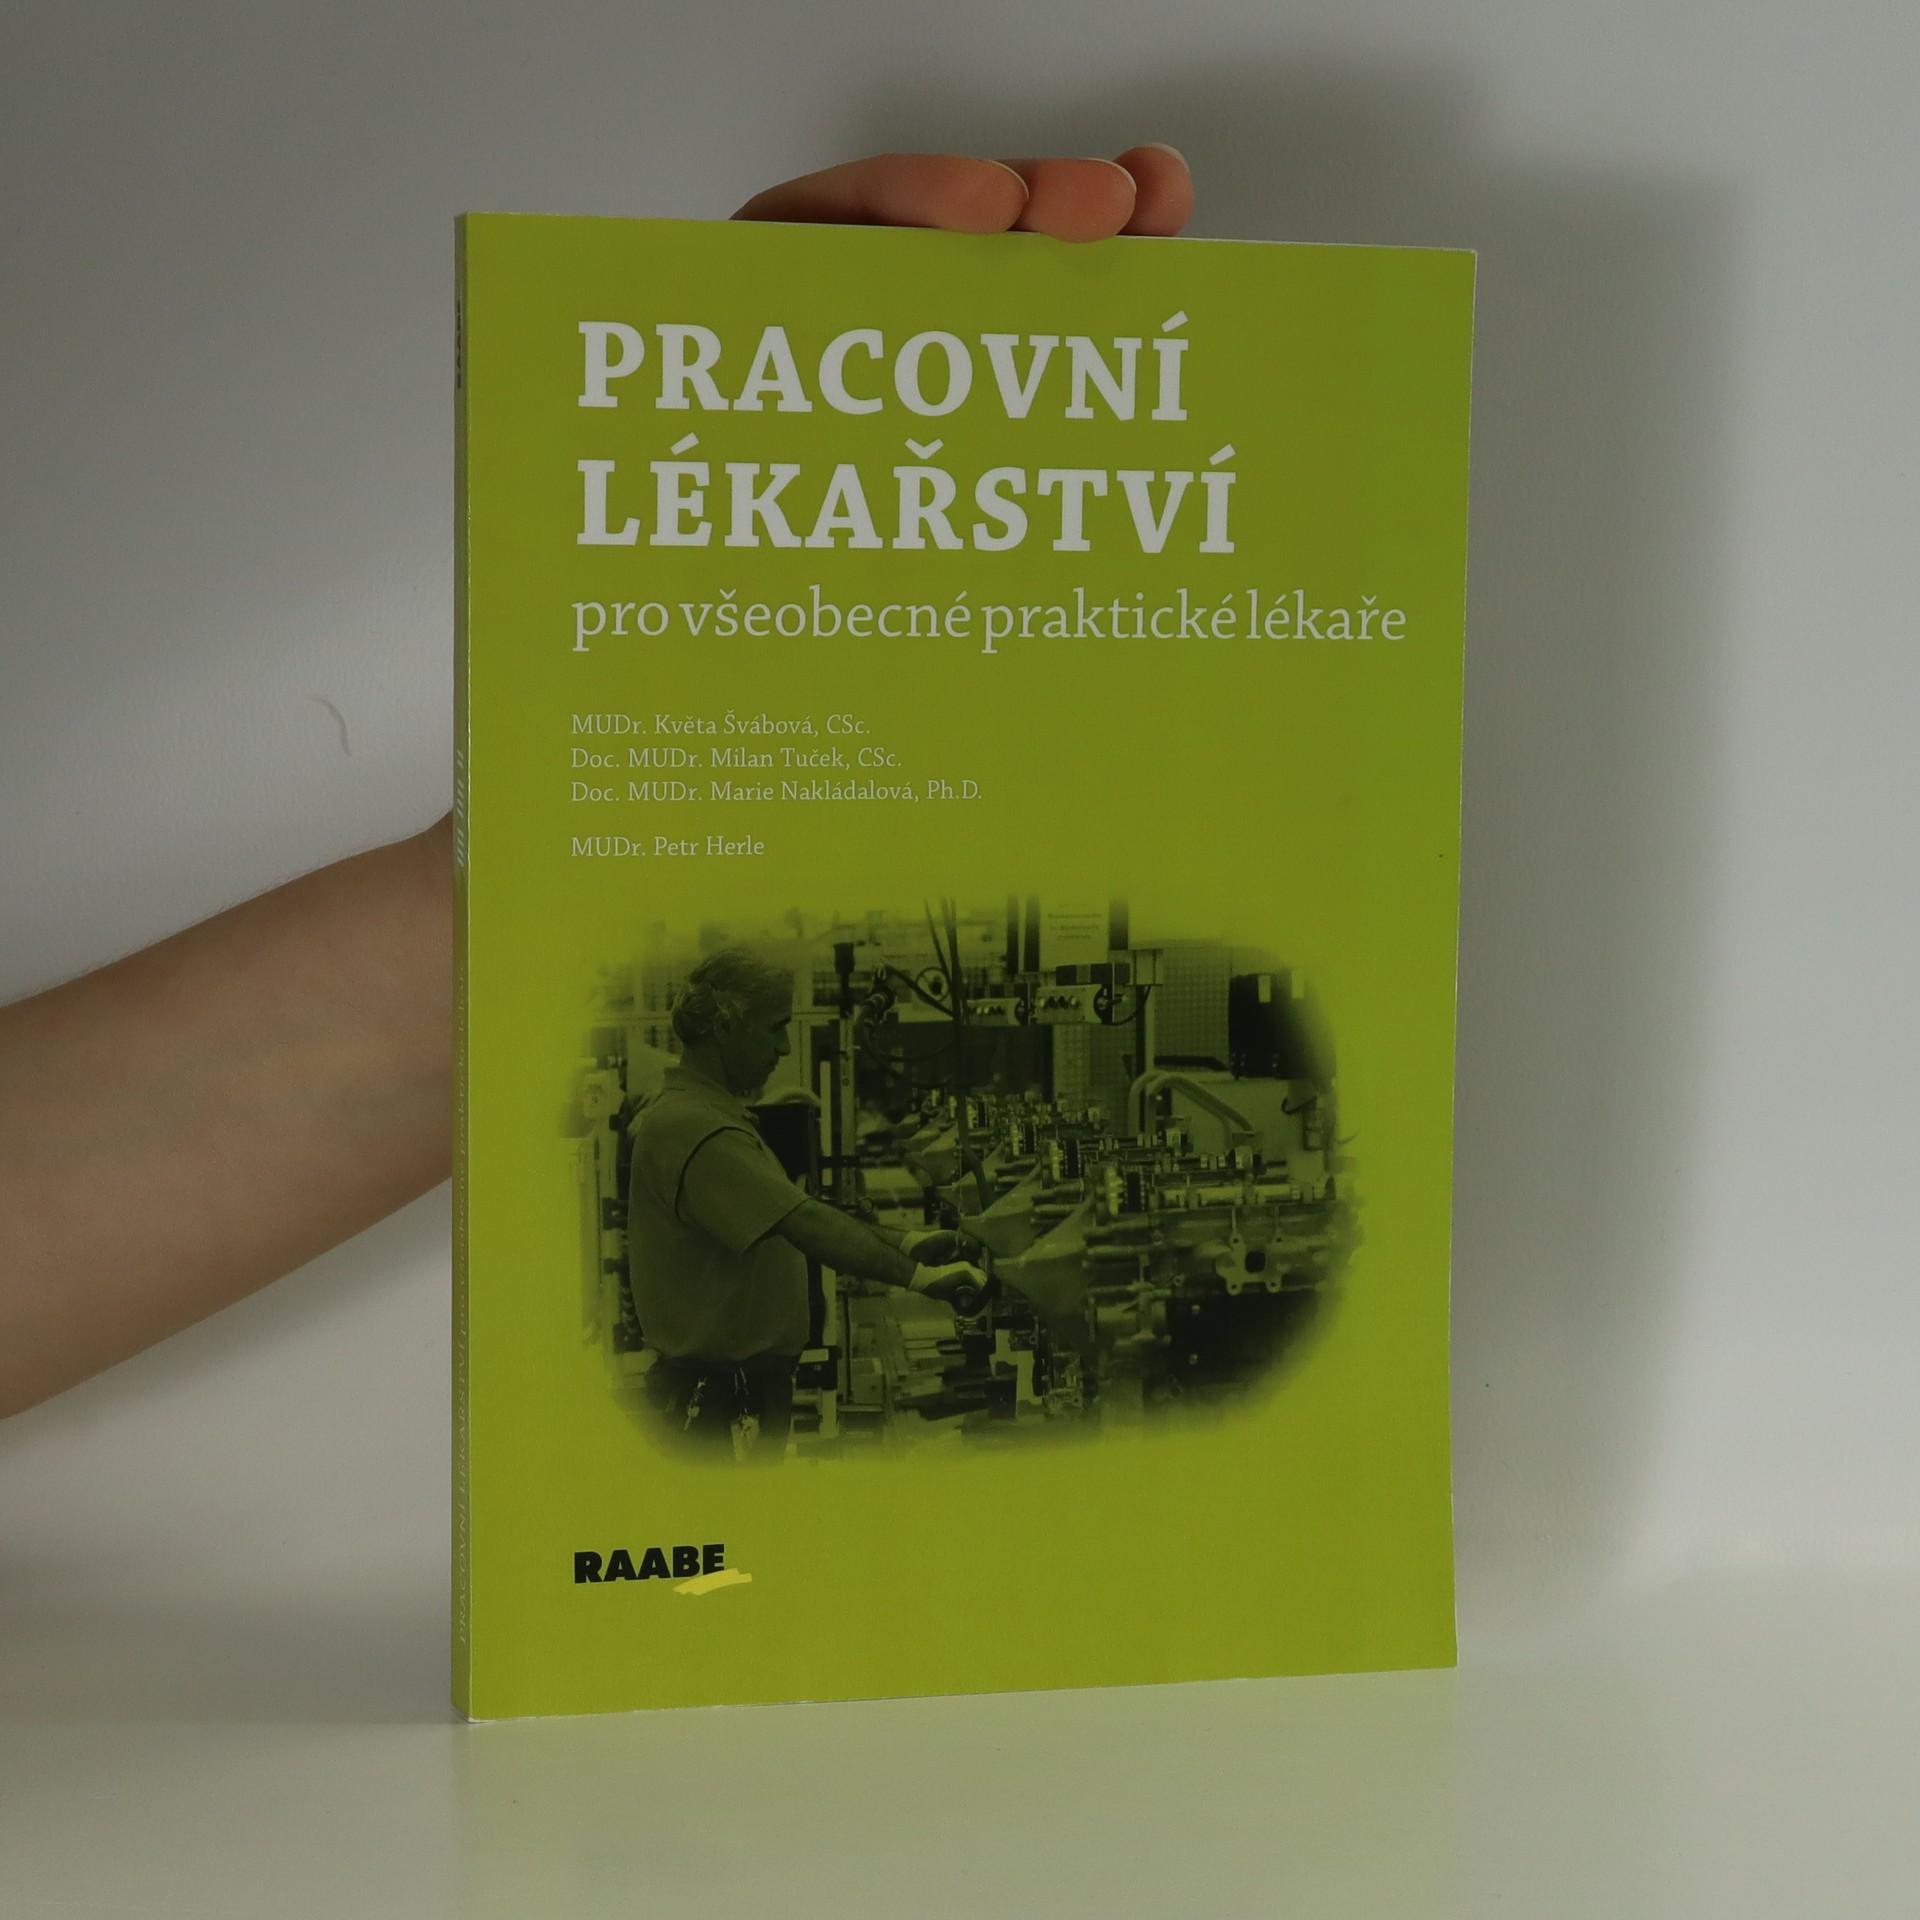 antikvární kniha Pracovní lékařství pro všeobecné praktické lékaře, neuveden